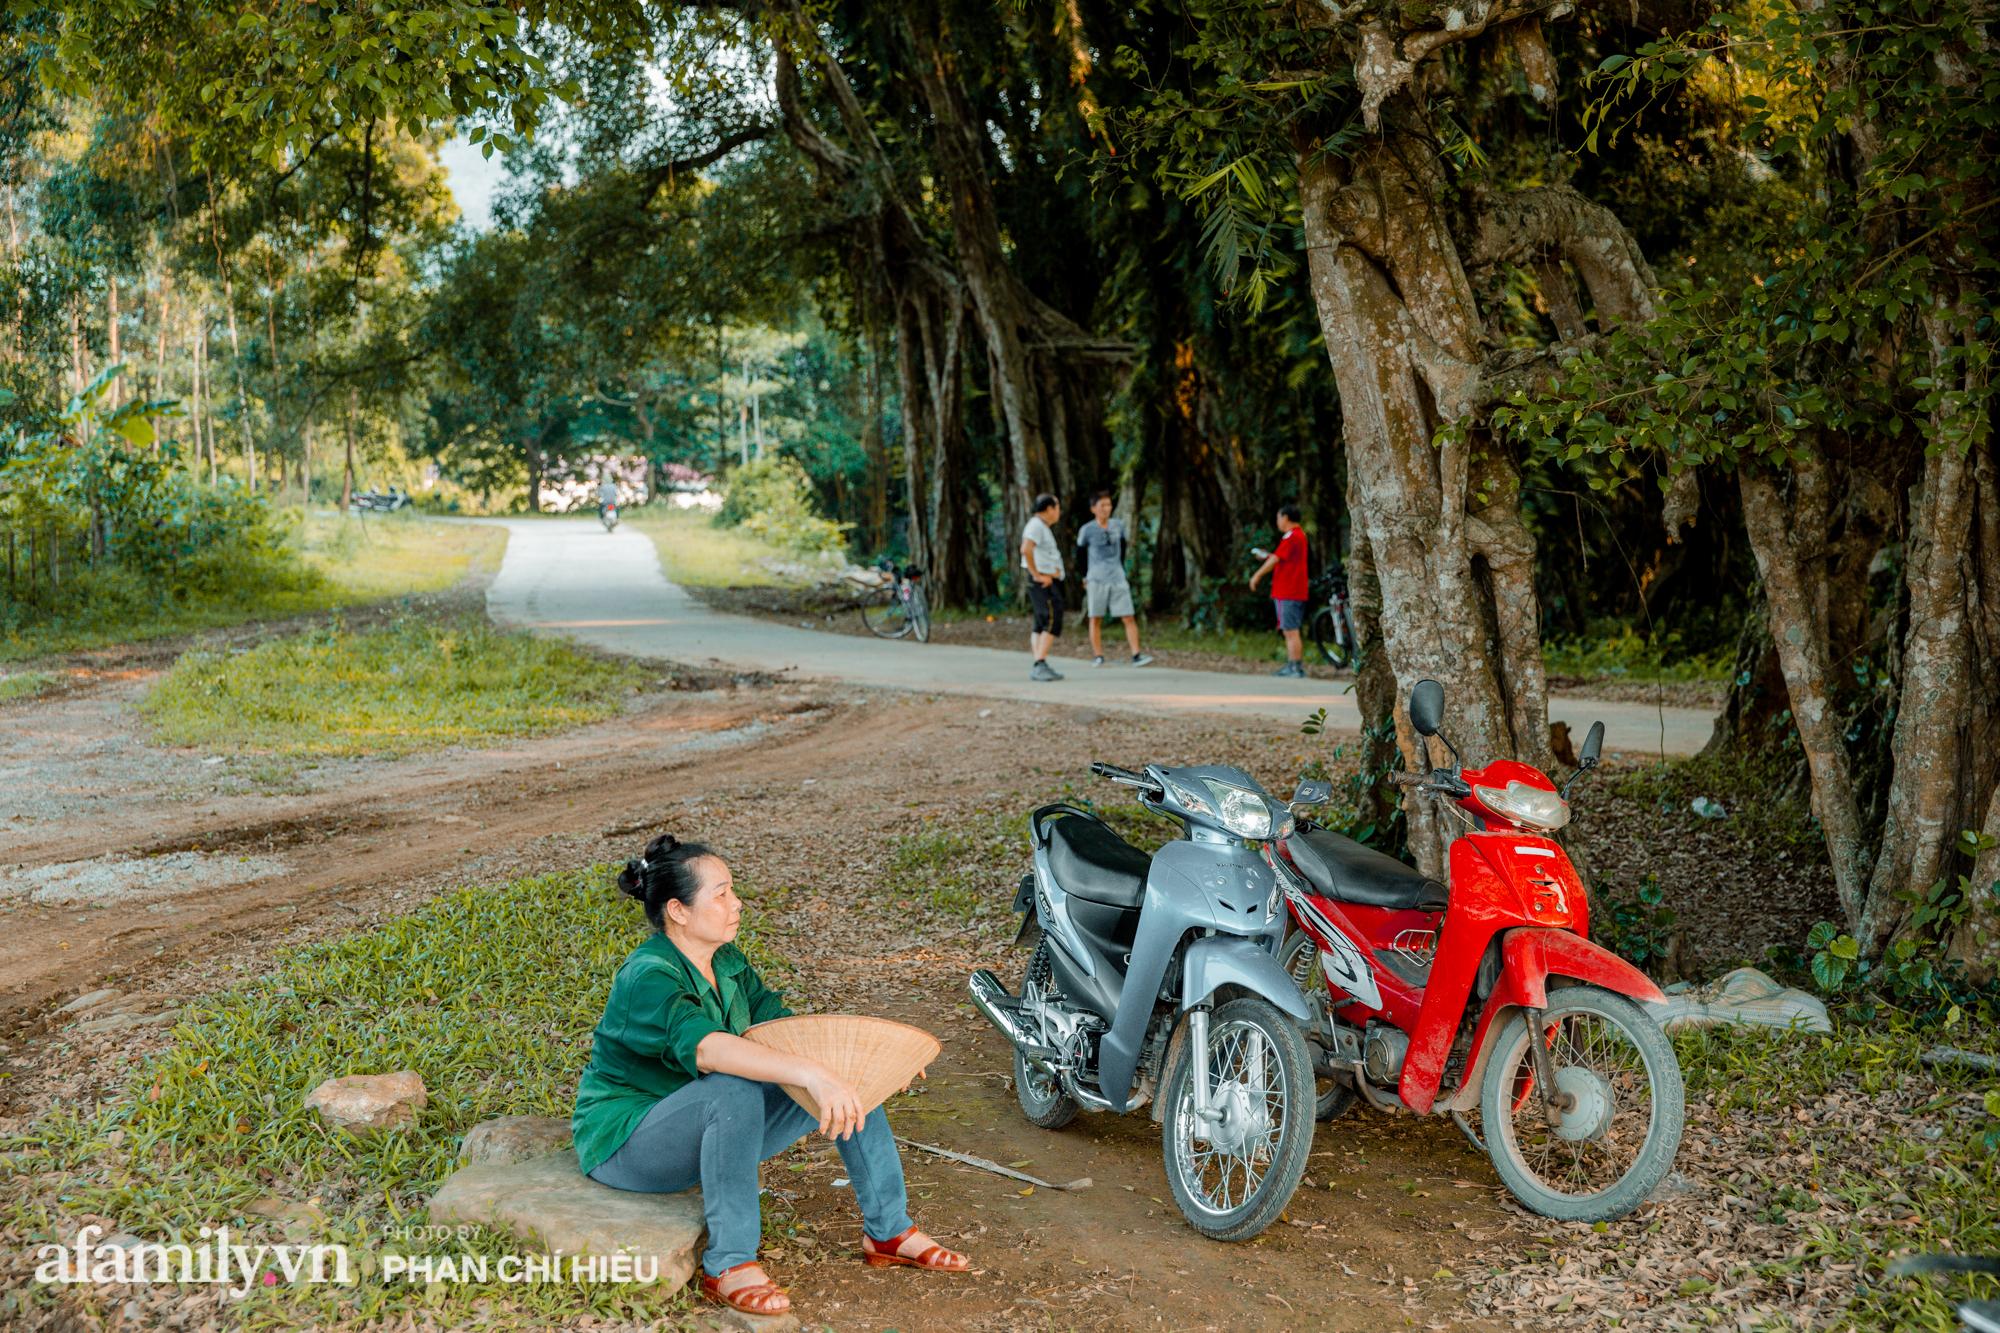 Ngôi làng độc nhất Việt Nam sở hữu chiếc cổng từ cây đại thu 800 năm tuổi, từng là bối cảnh cực ấn tượng trong những bộ phim về làng quê Việt Nam - Ảnh 2.